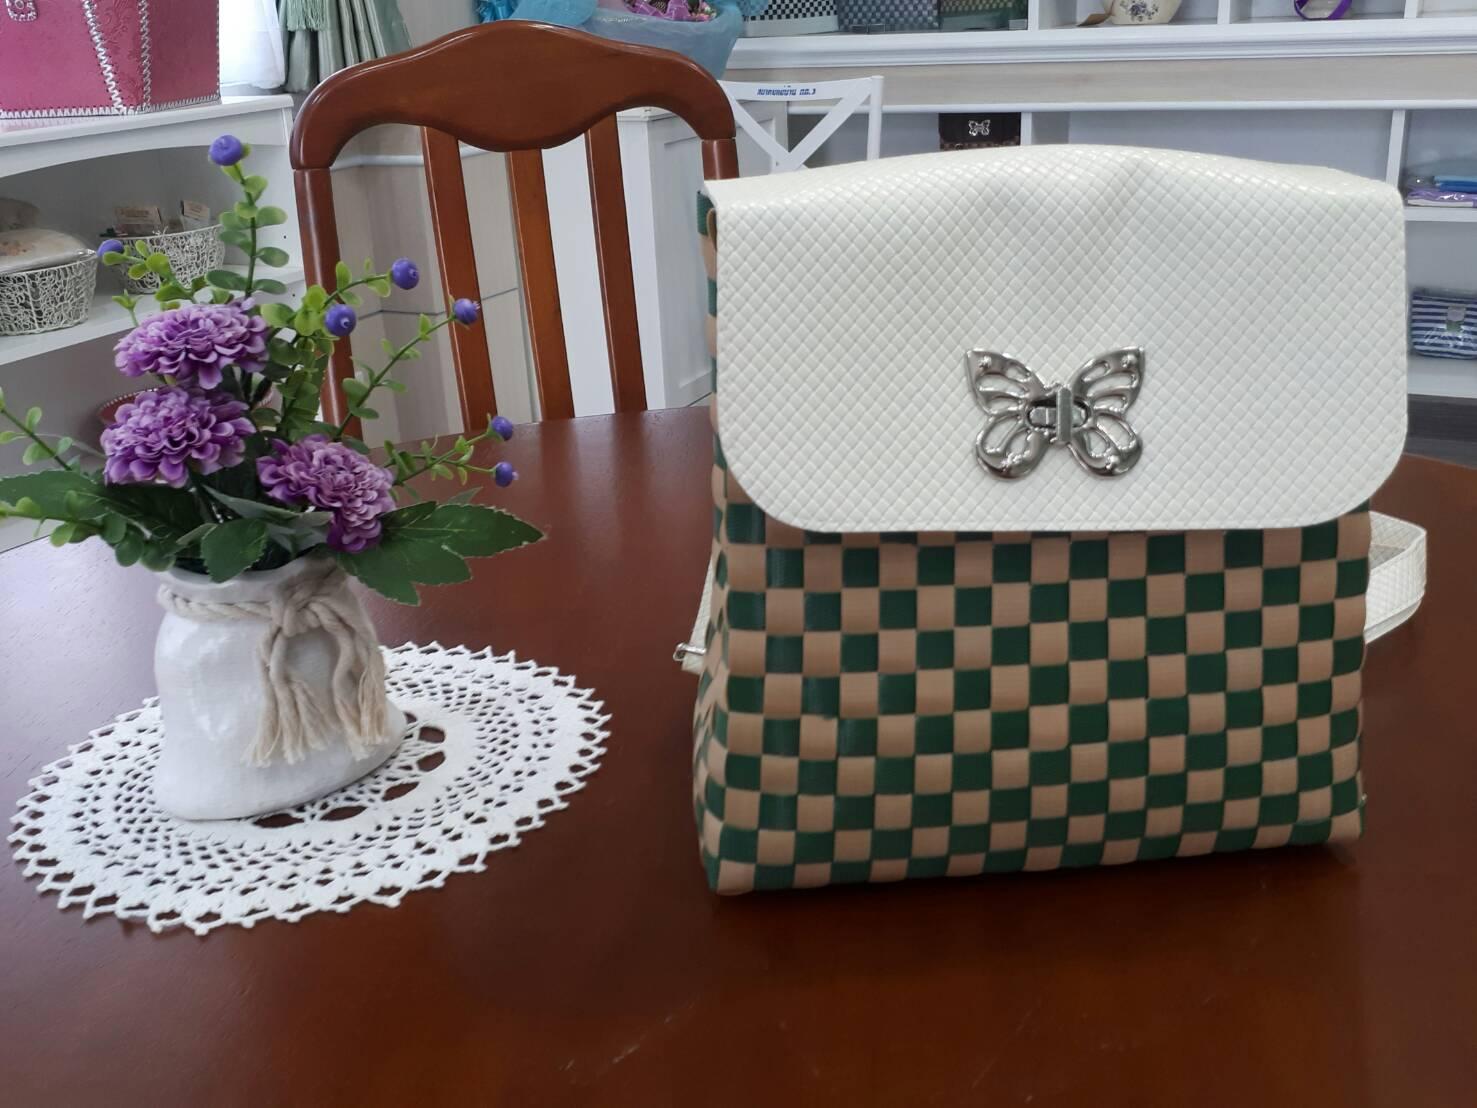 กระเป๋าเส้นสานพลาสติก (สีเขียวเล็ก)